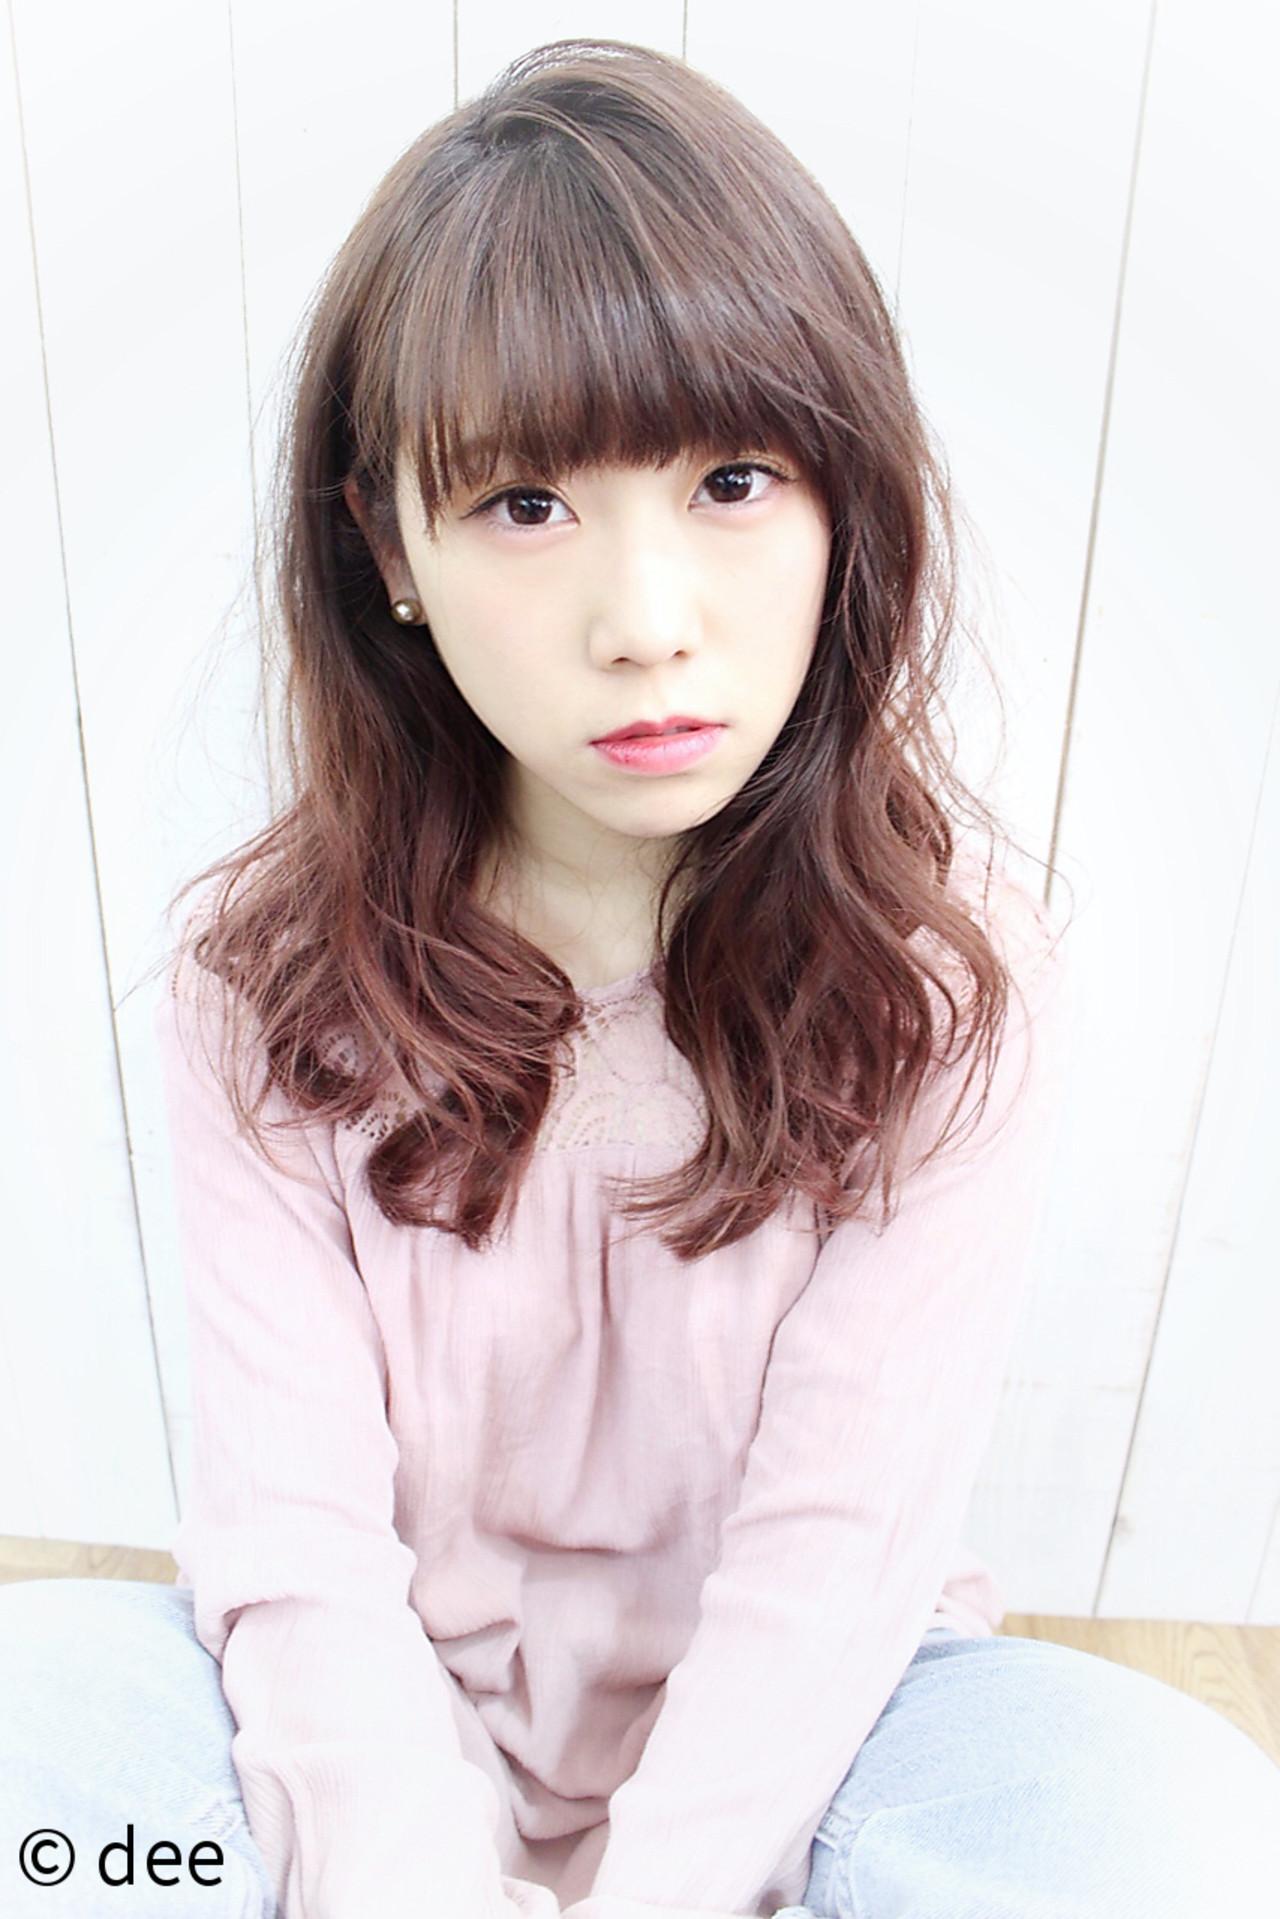 女子力アップ!チェリーピンクの髪色で春らしいモテ髪ゲット♪ dee